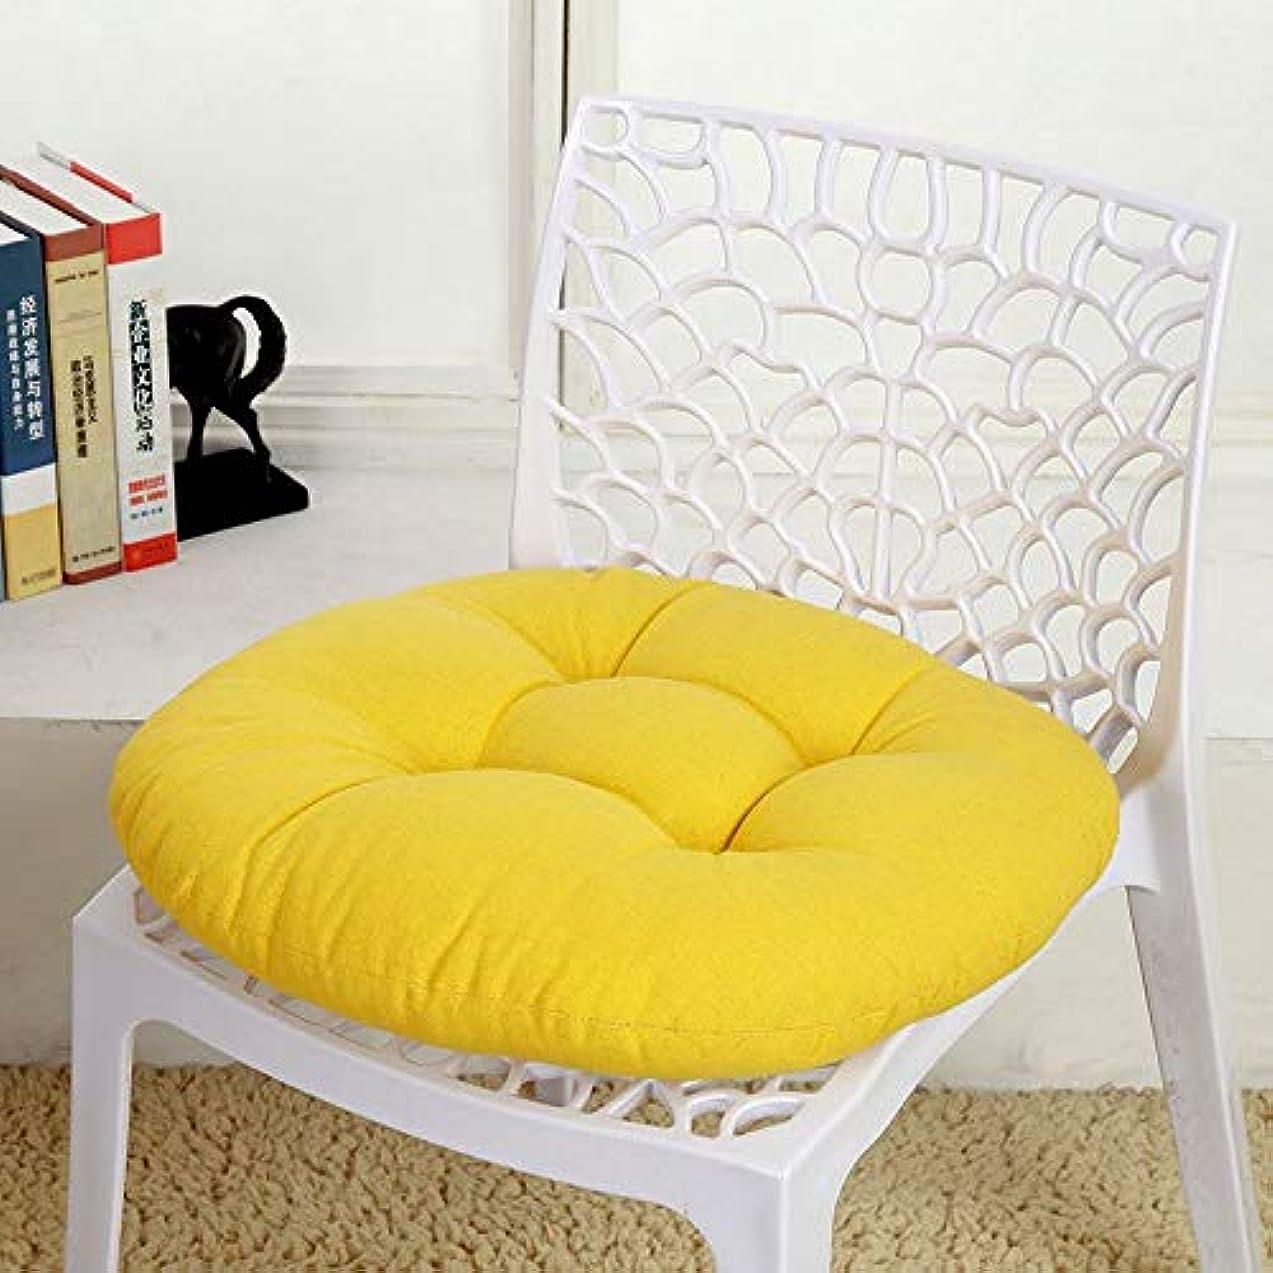 駐地棚半ばSMART キャンディカラーのクッションラウンドシートクッション波ウィンドウシートクッションクッション家の装飾パッドラウンド枕シート枕椅子座る枕 クッション 椅子